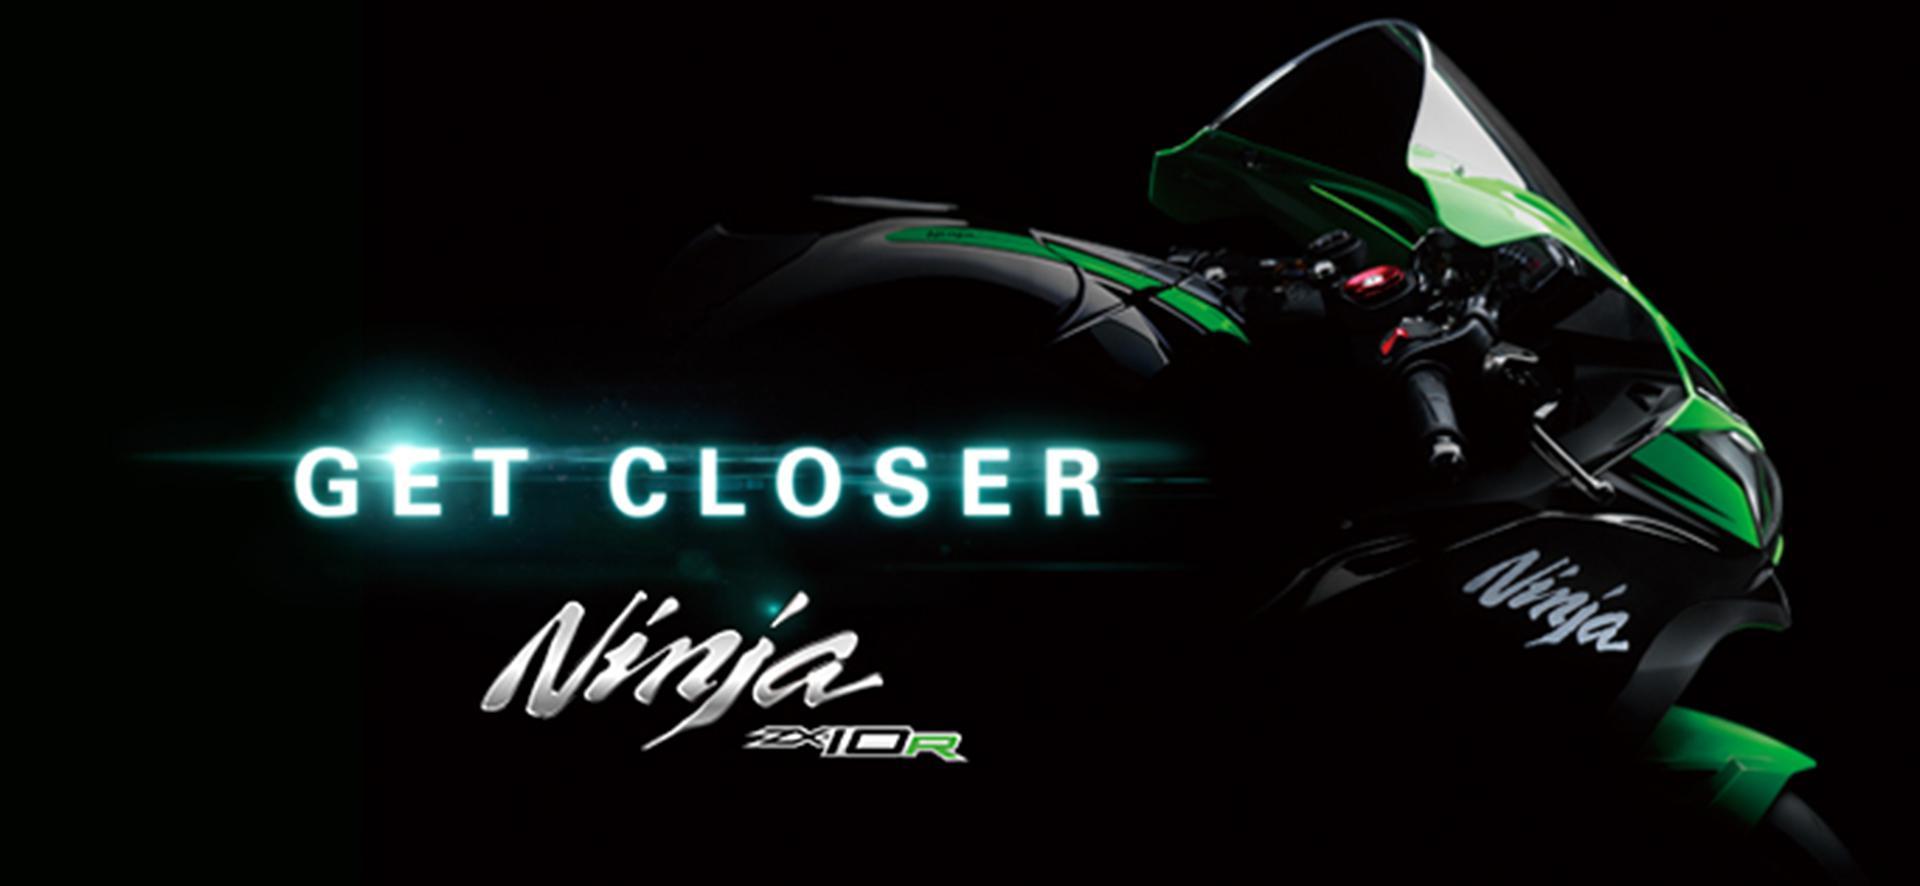 Kawasaki Get Closer